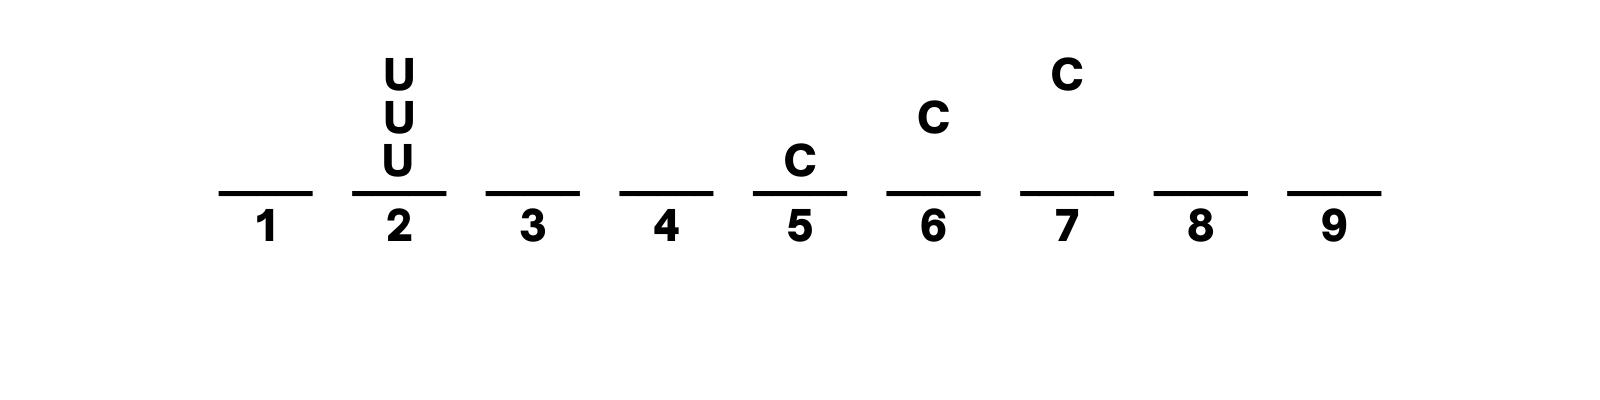 U in spot 2 but C in spot 5 or 6 or 7 etc